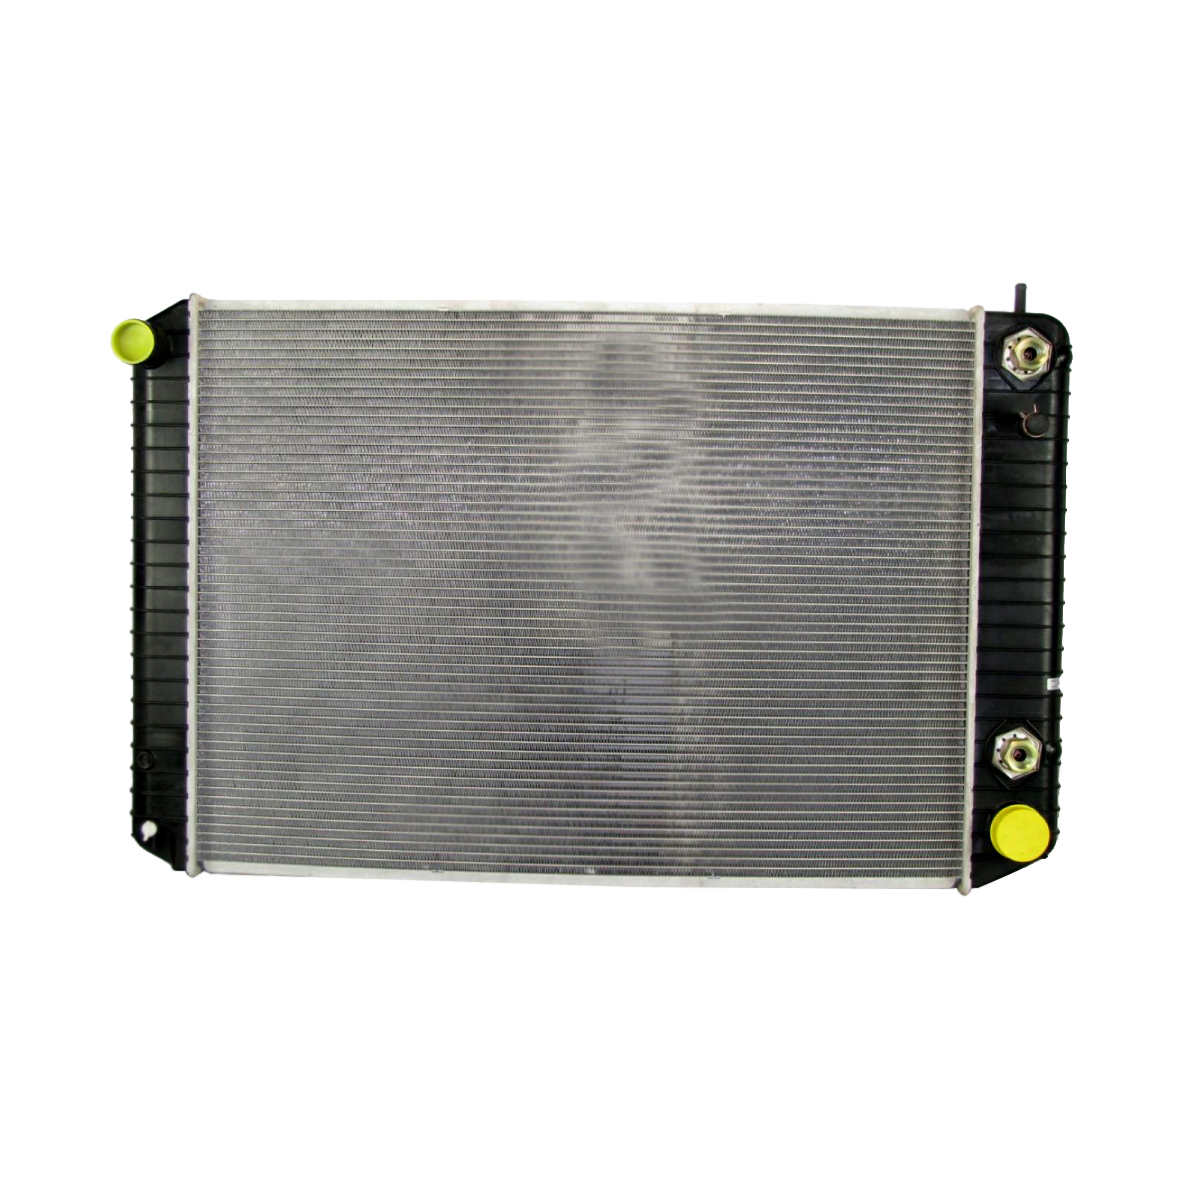 chevrolet gmc kodiak topkick bus chassis multiple radiator oem 1r2679 2